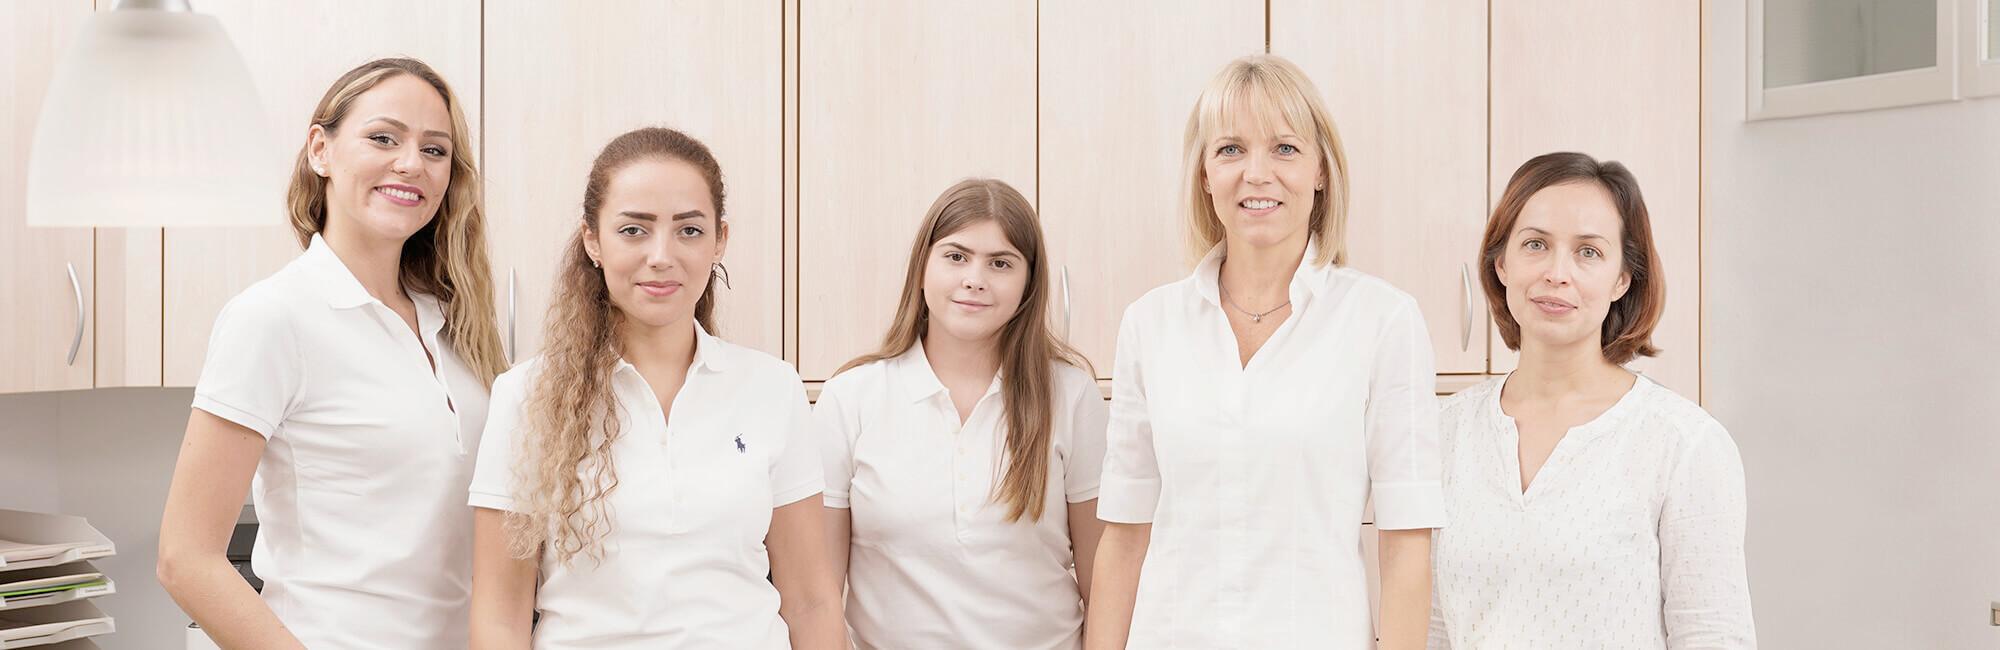 Hausarzt-Sillenbuch-Ellinger-4412-2-slider